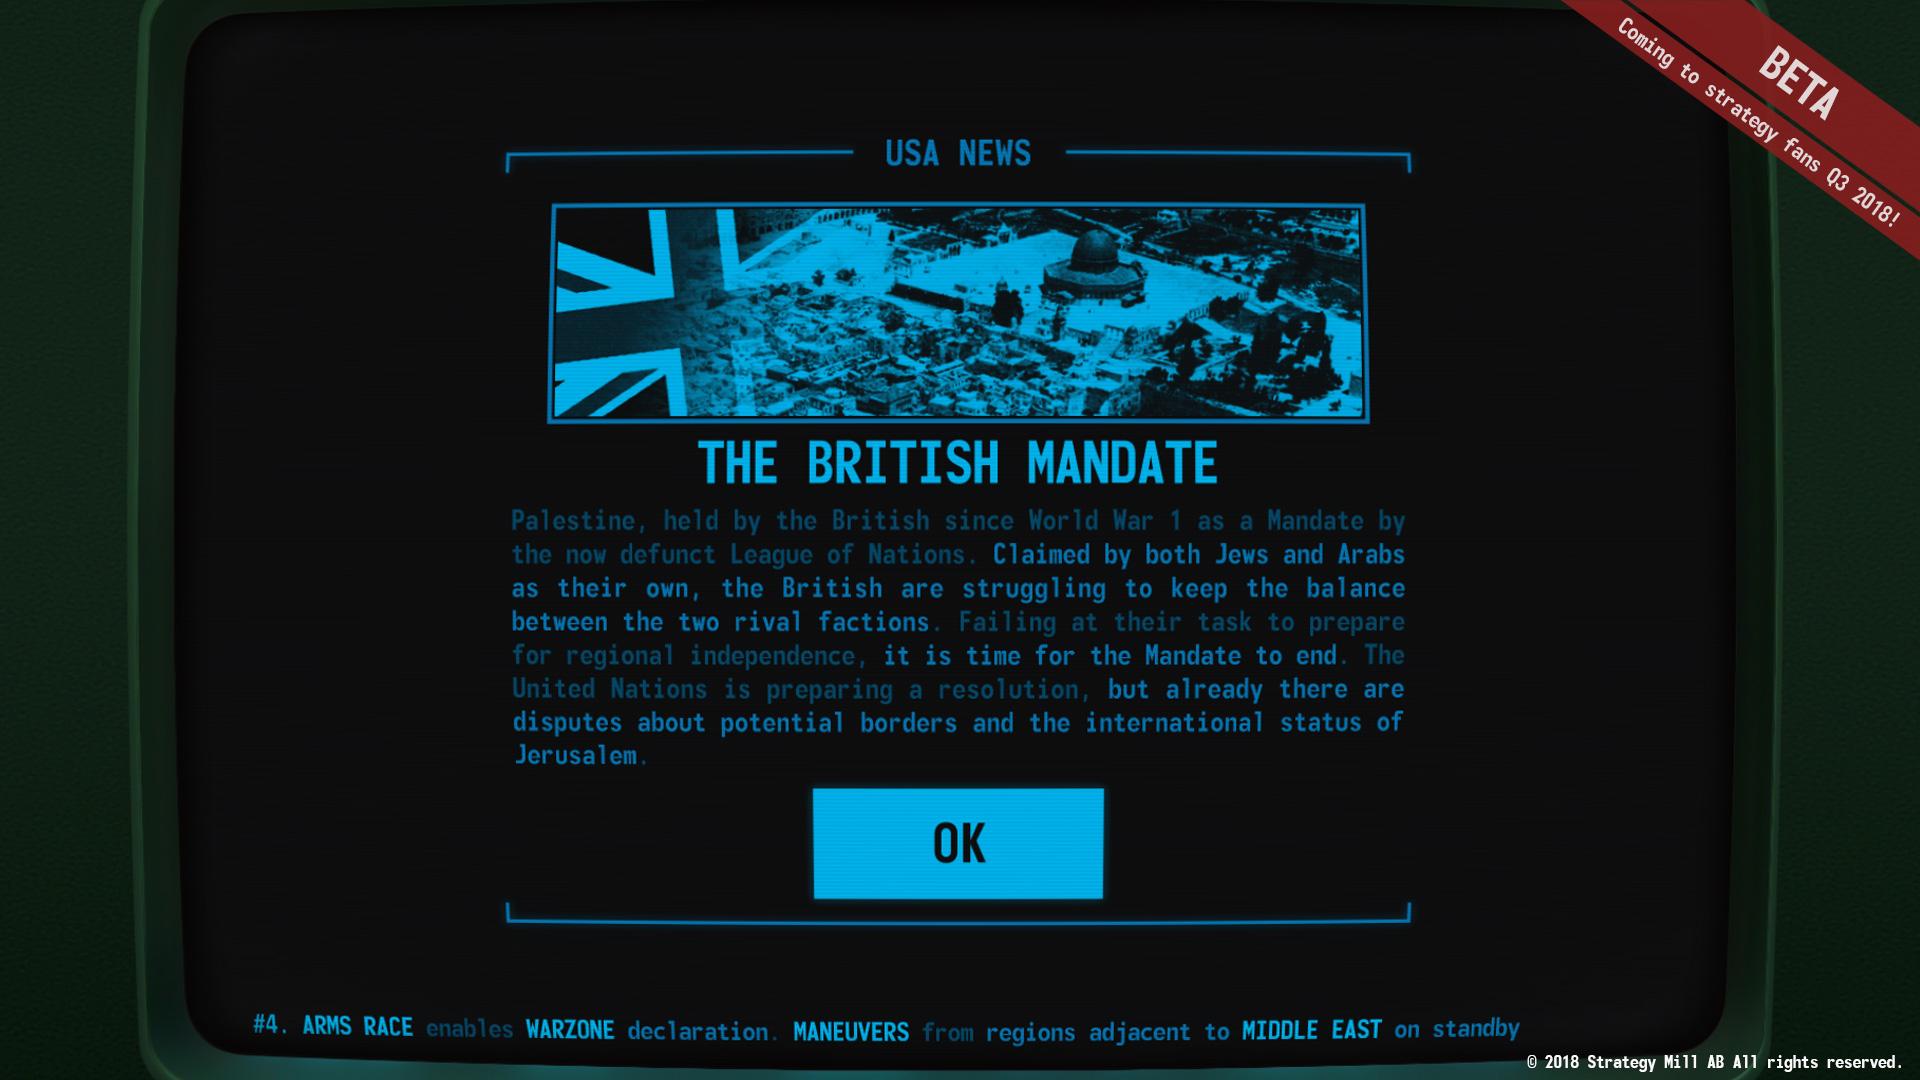 TerminalConflict BritishMandate